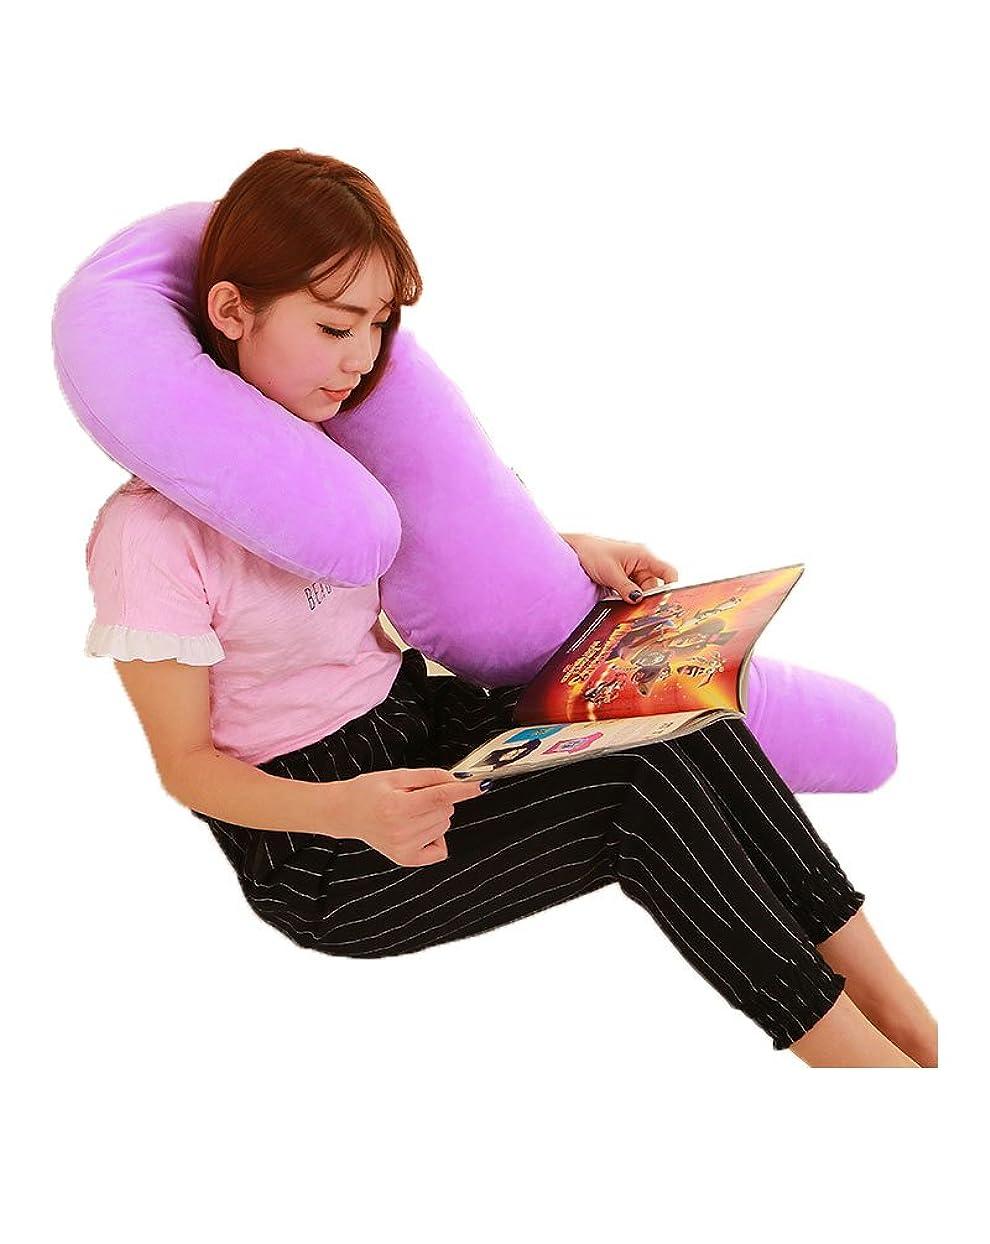 実装する実用的断片授乳クッション 妊婦 マタニティー まくら 中綿 145CM 全9色 出産準備 出産祝い プレゼント 乳児 ボディーピロー 洗える マタニティクッション ロングサイズ マルチクッション 抱き枕 本体と抱き枕カバー付き